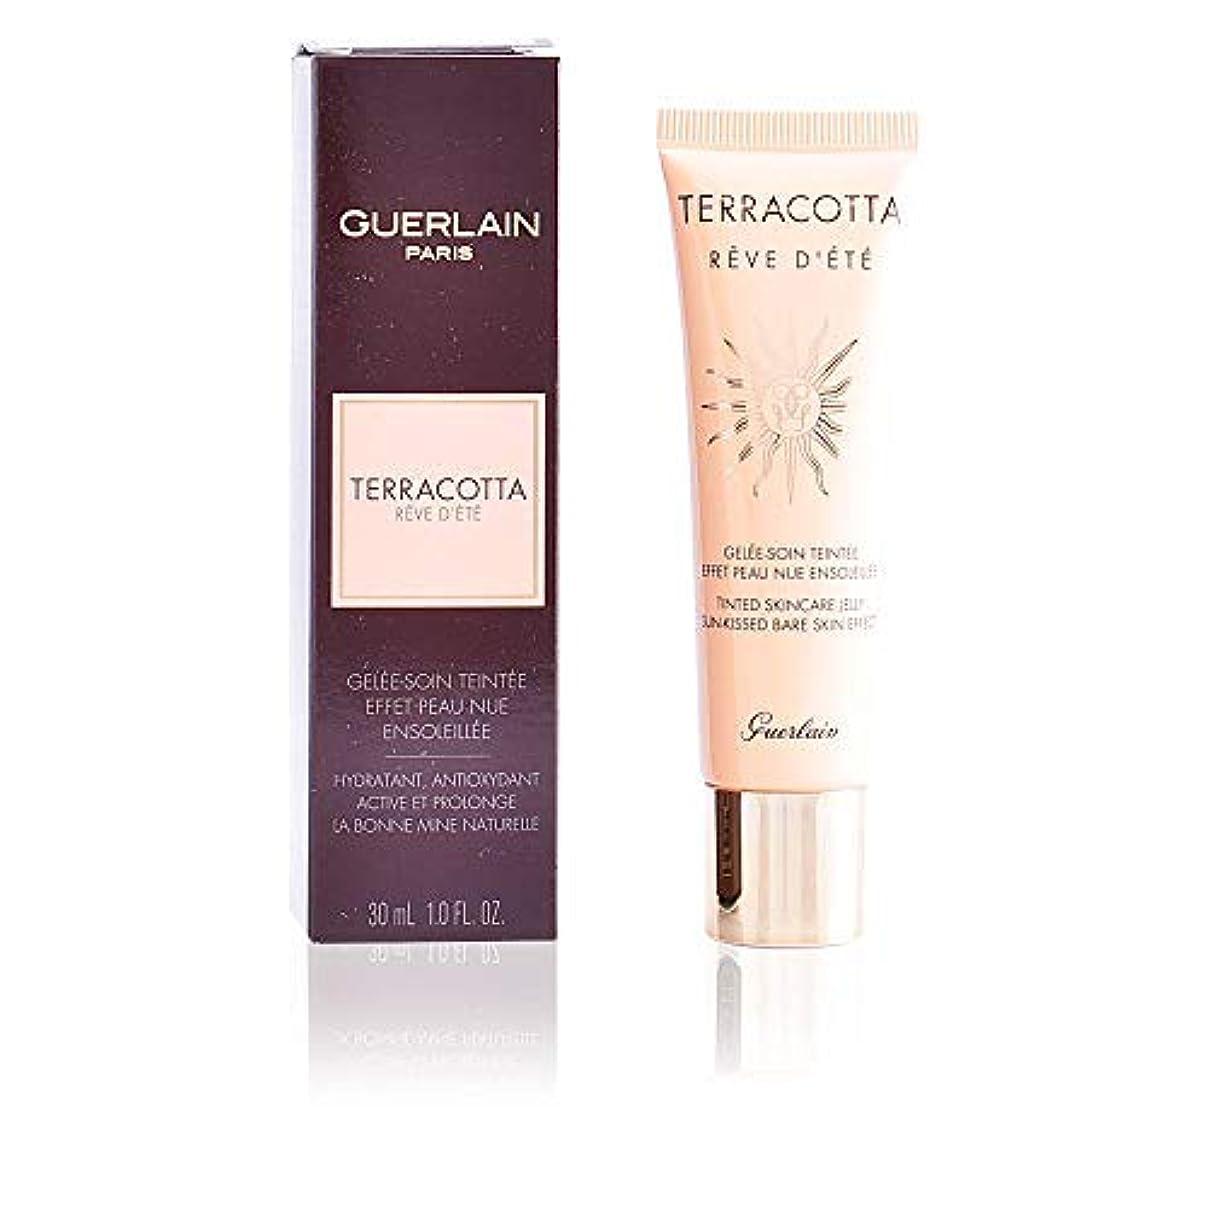 神社冗長ミサイルゲラン Terracotta Reve D'ete Tinted Skincare Jelly - # Light 30ml/1oz並行輸入品